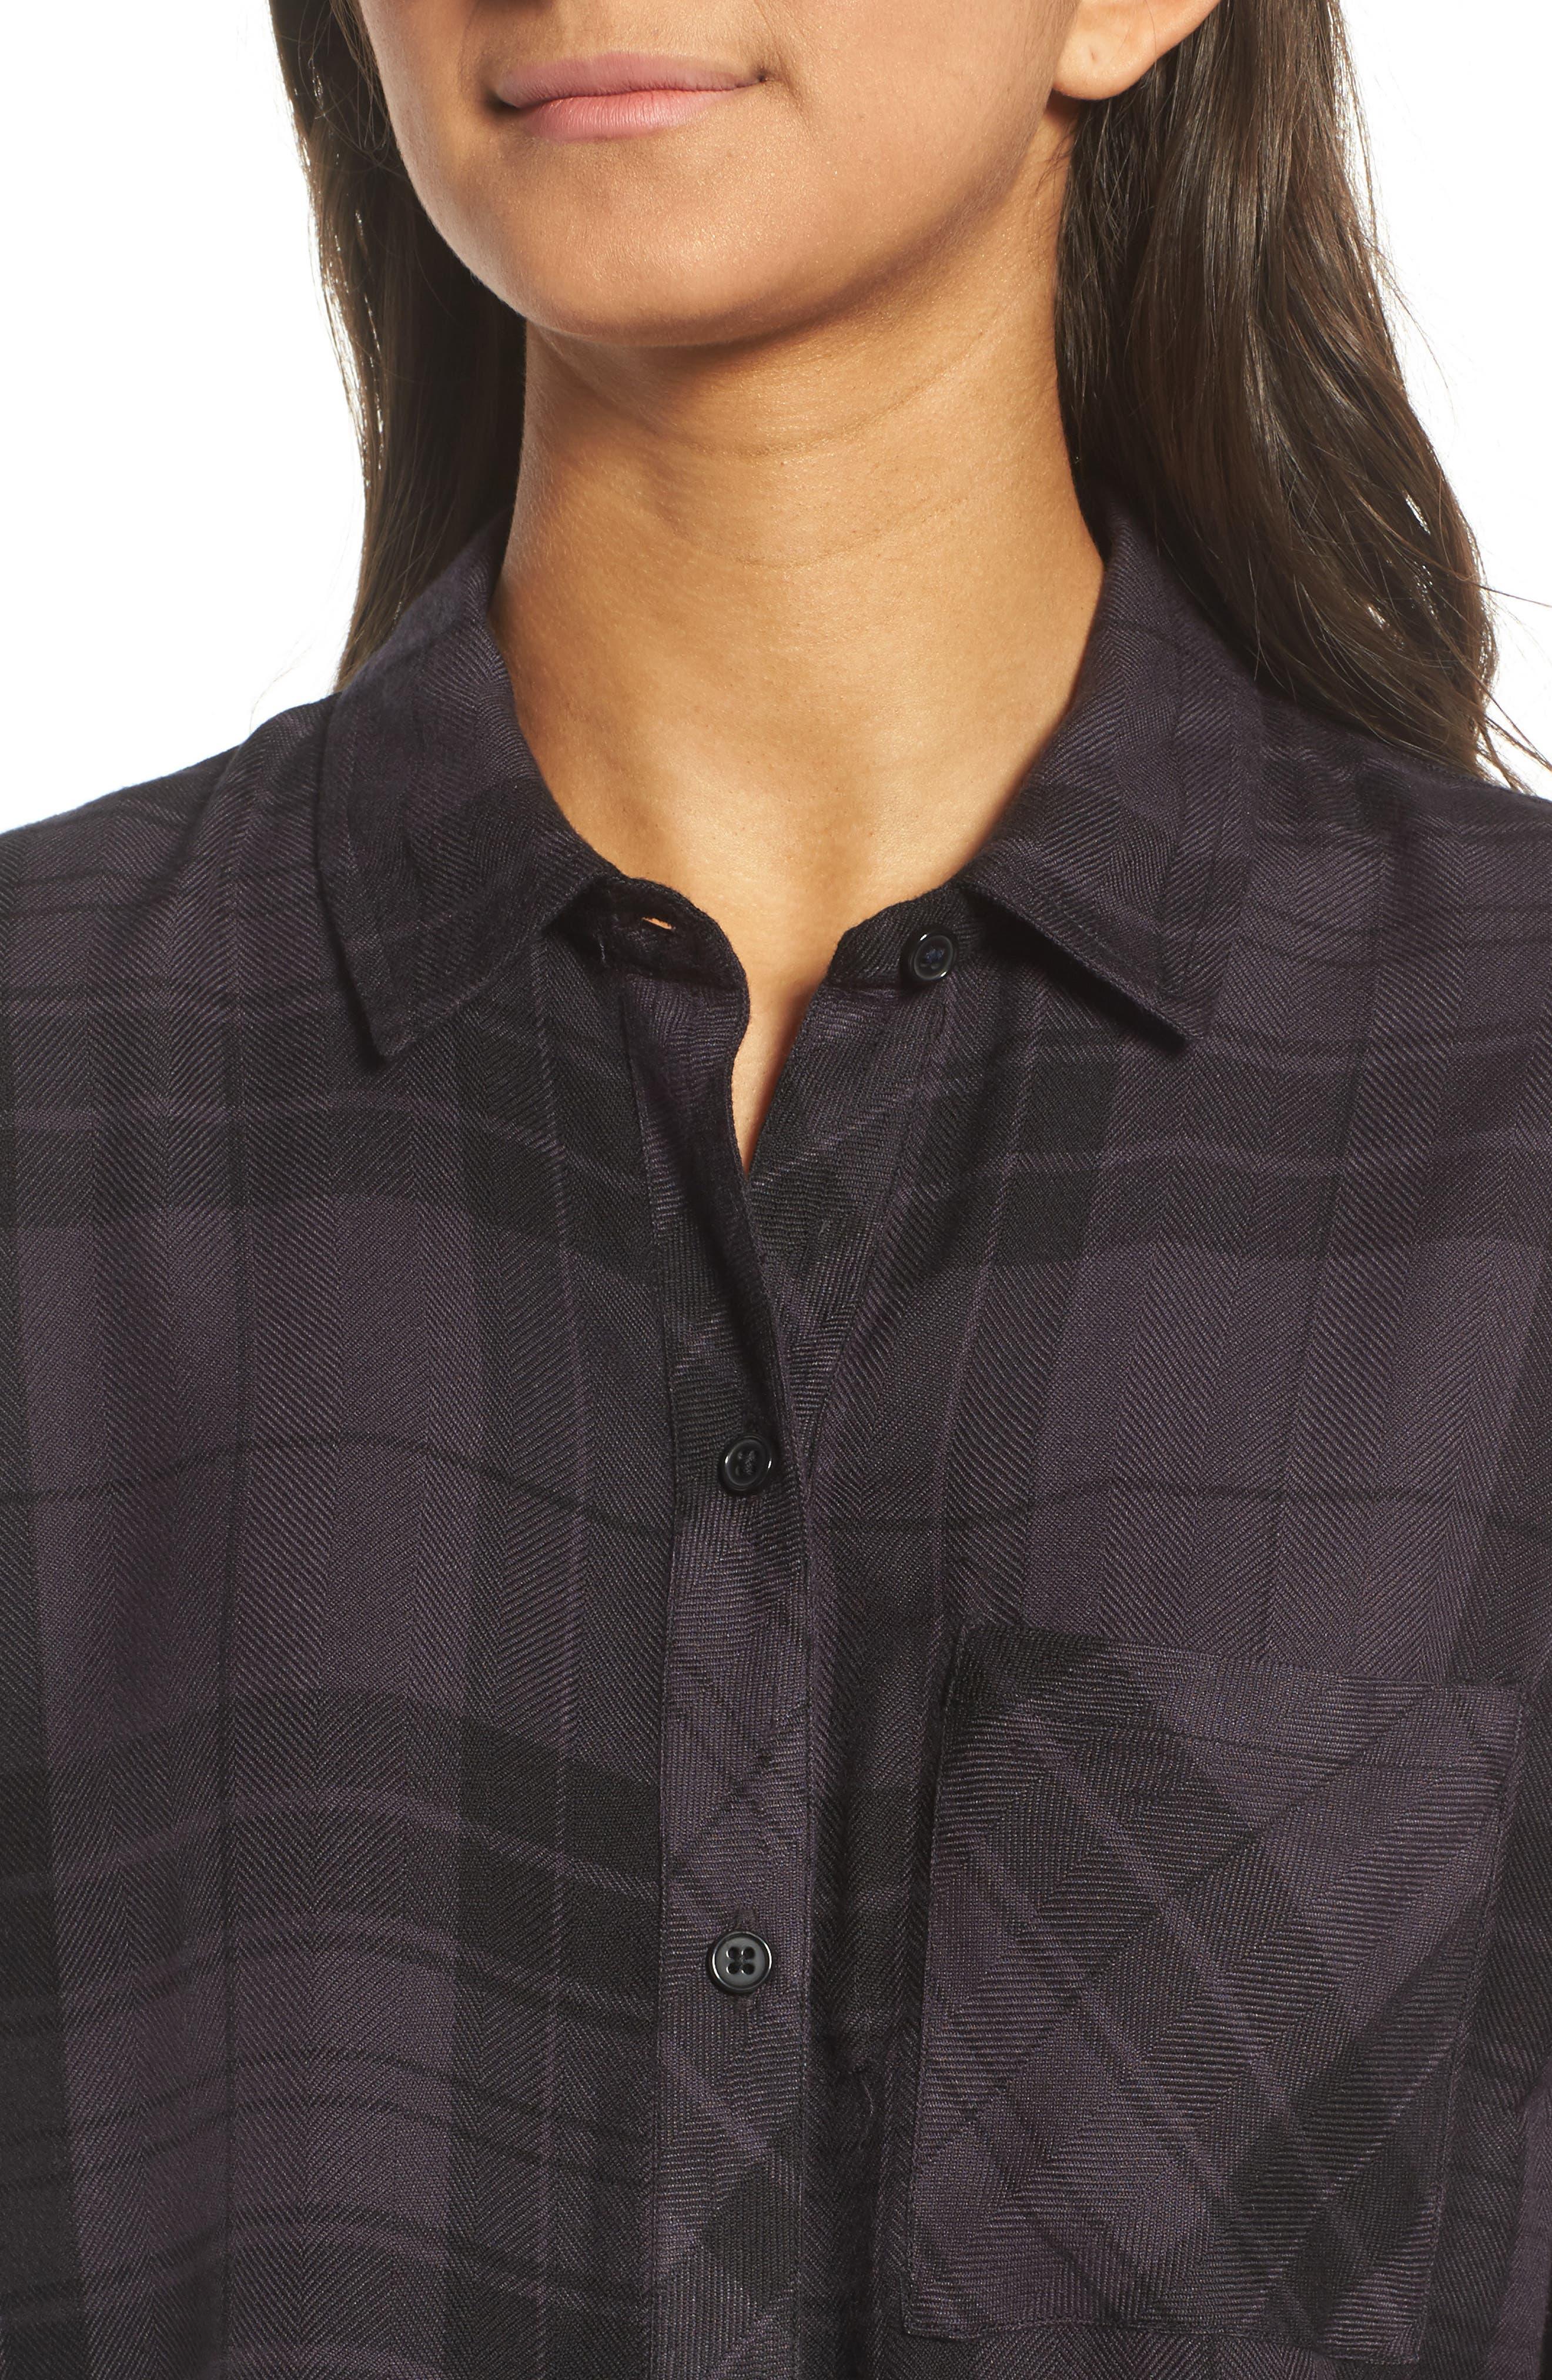 Hunter Plaid Shirt,                             Alternate thumbnail 507, color,